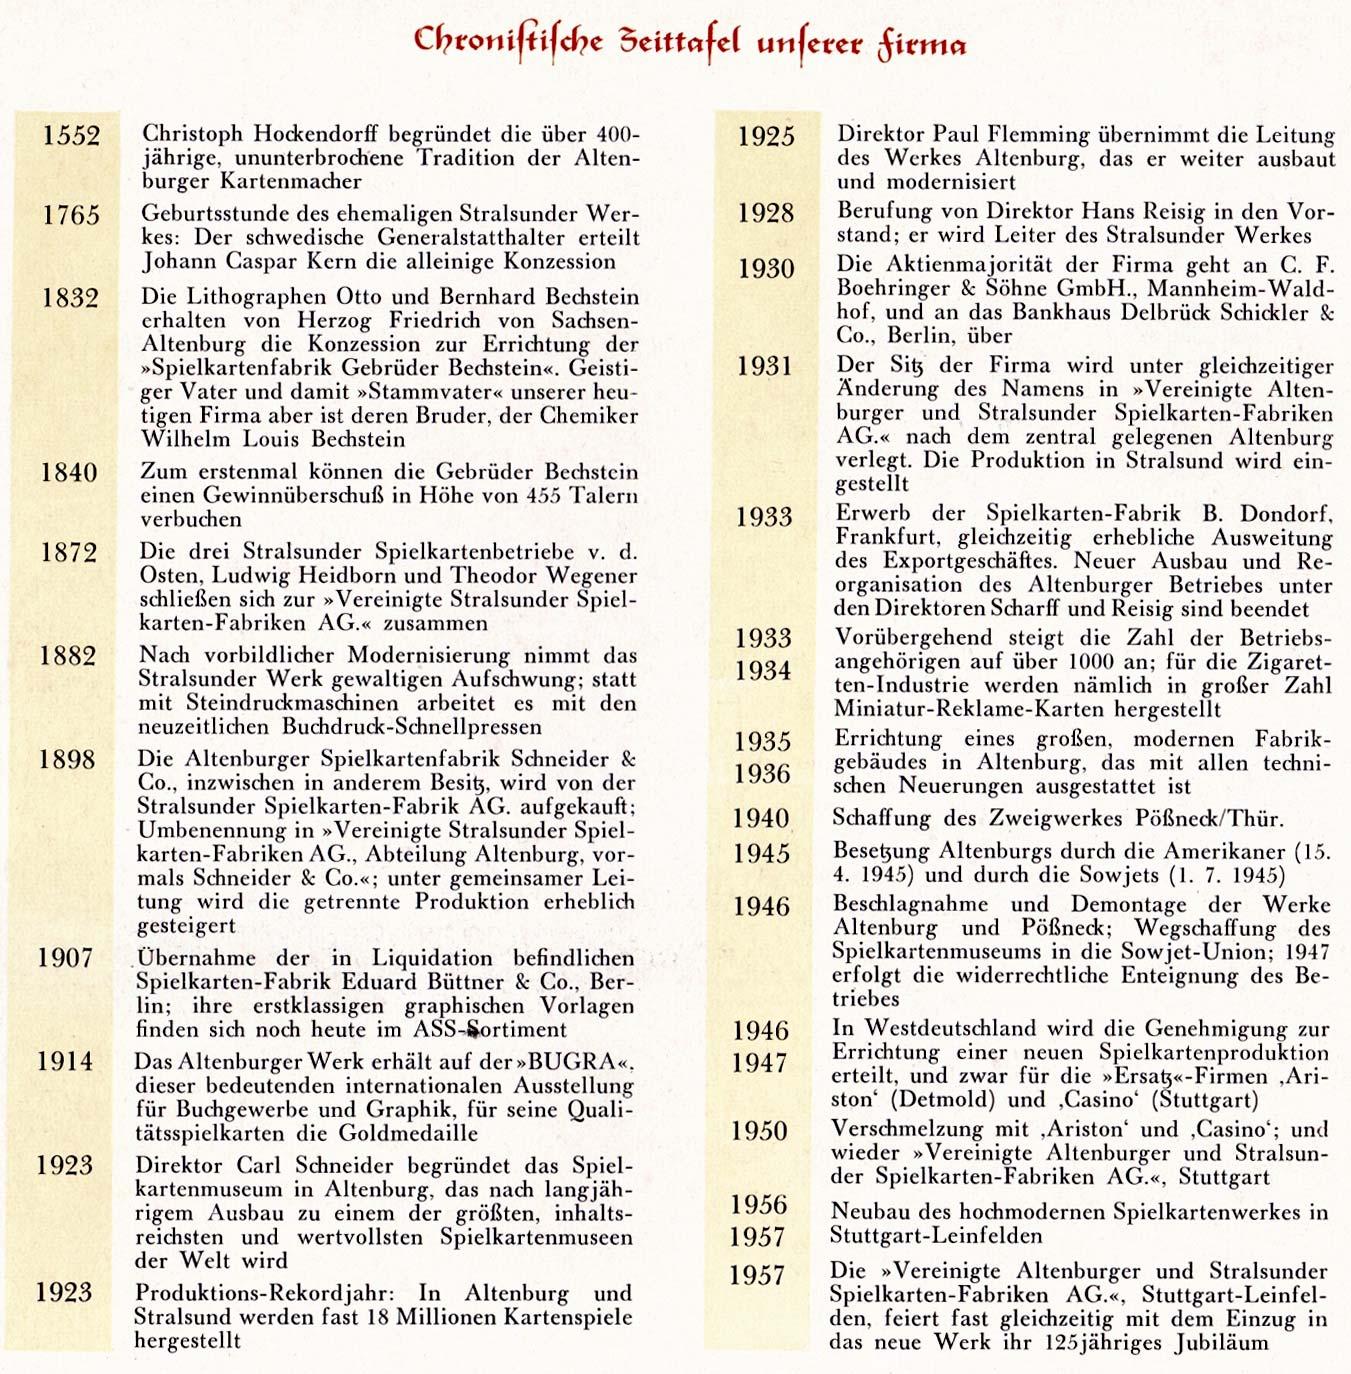 ASS chronological table